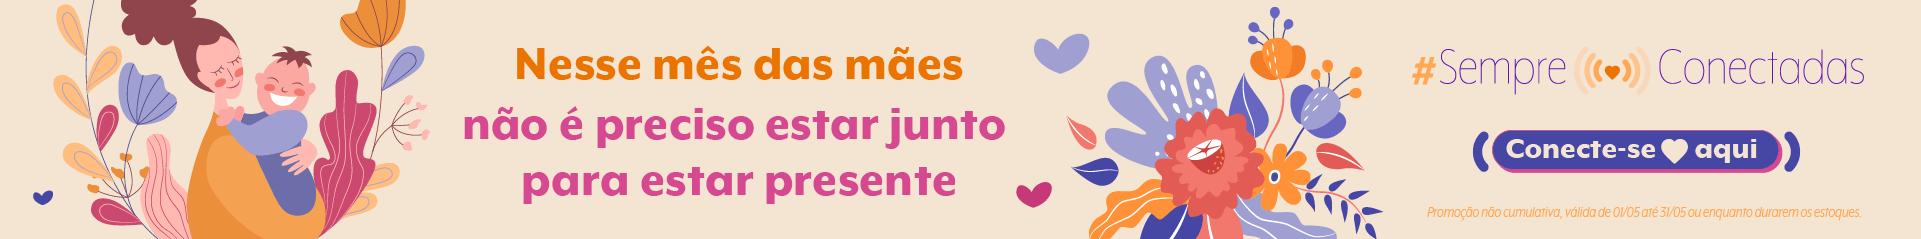 Banner Mês das Mães